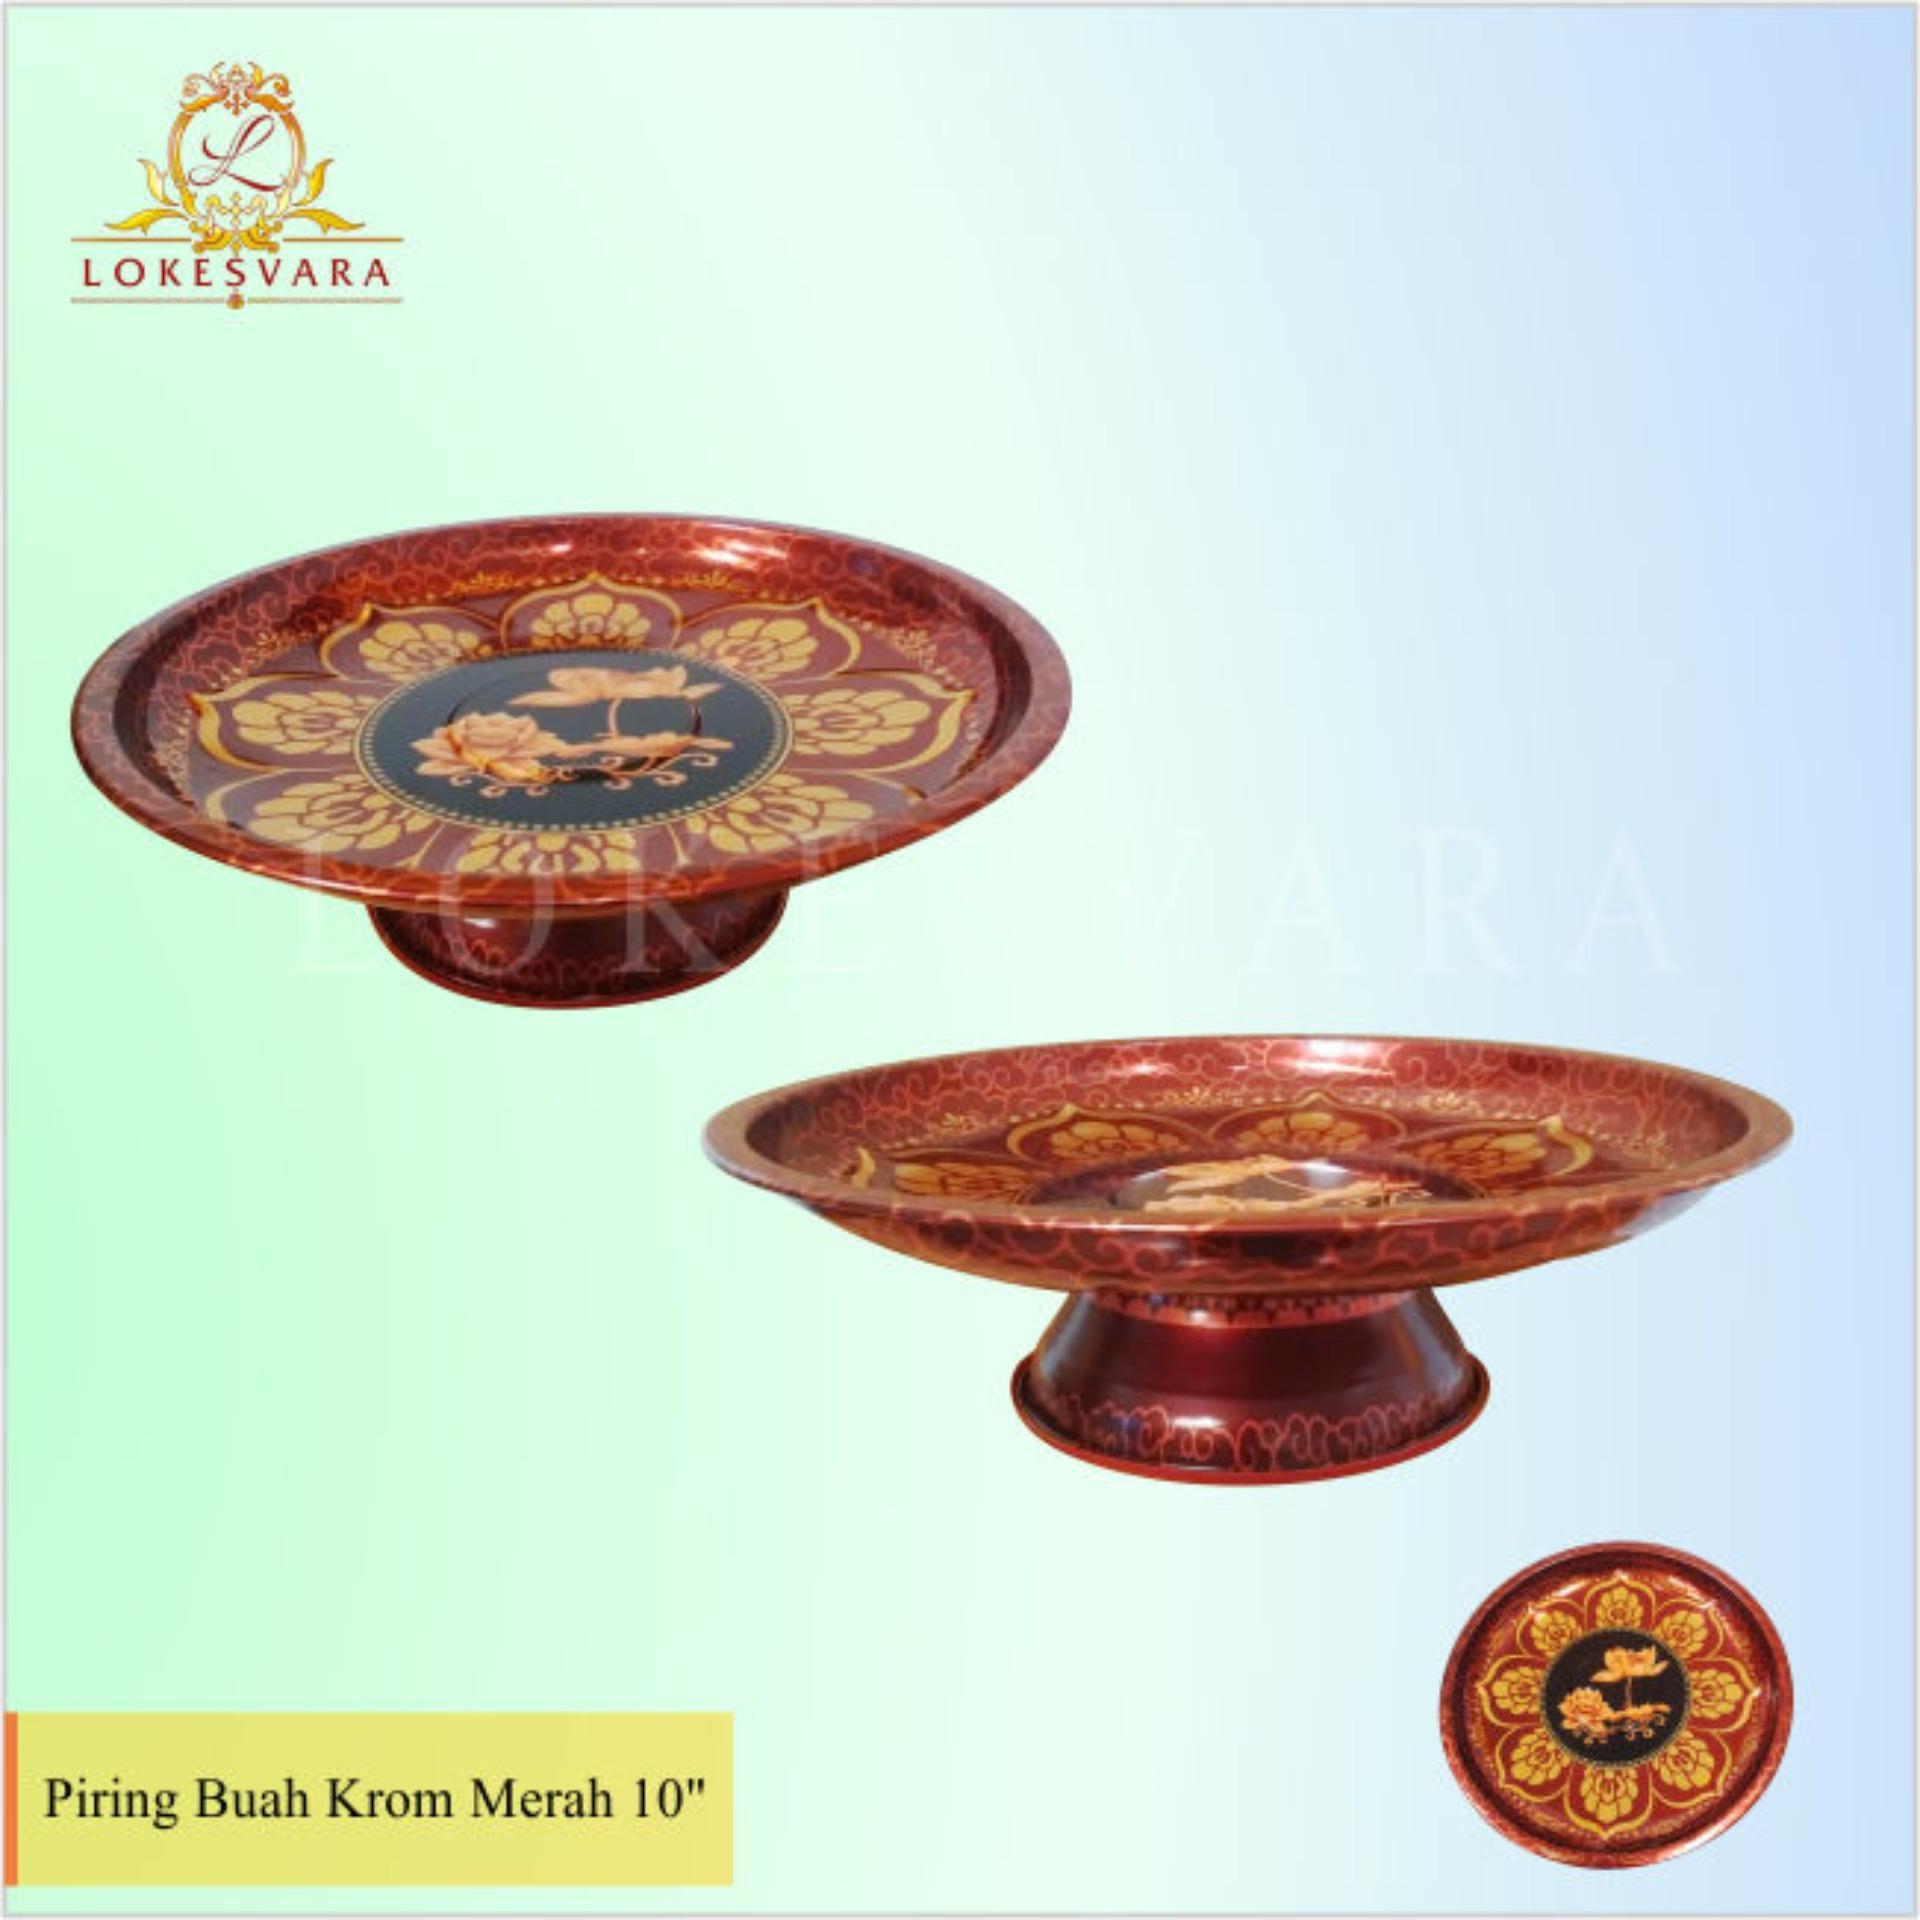 Harga preferensial Piring Buah Krom Merah 10inch terbaik murah - Hanya Rp61.200